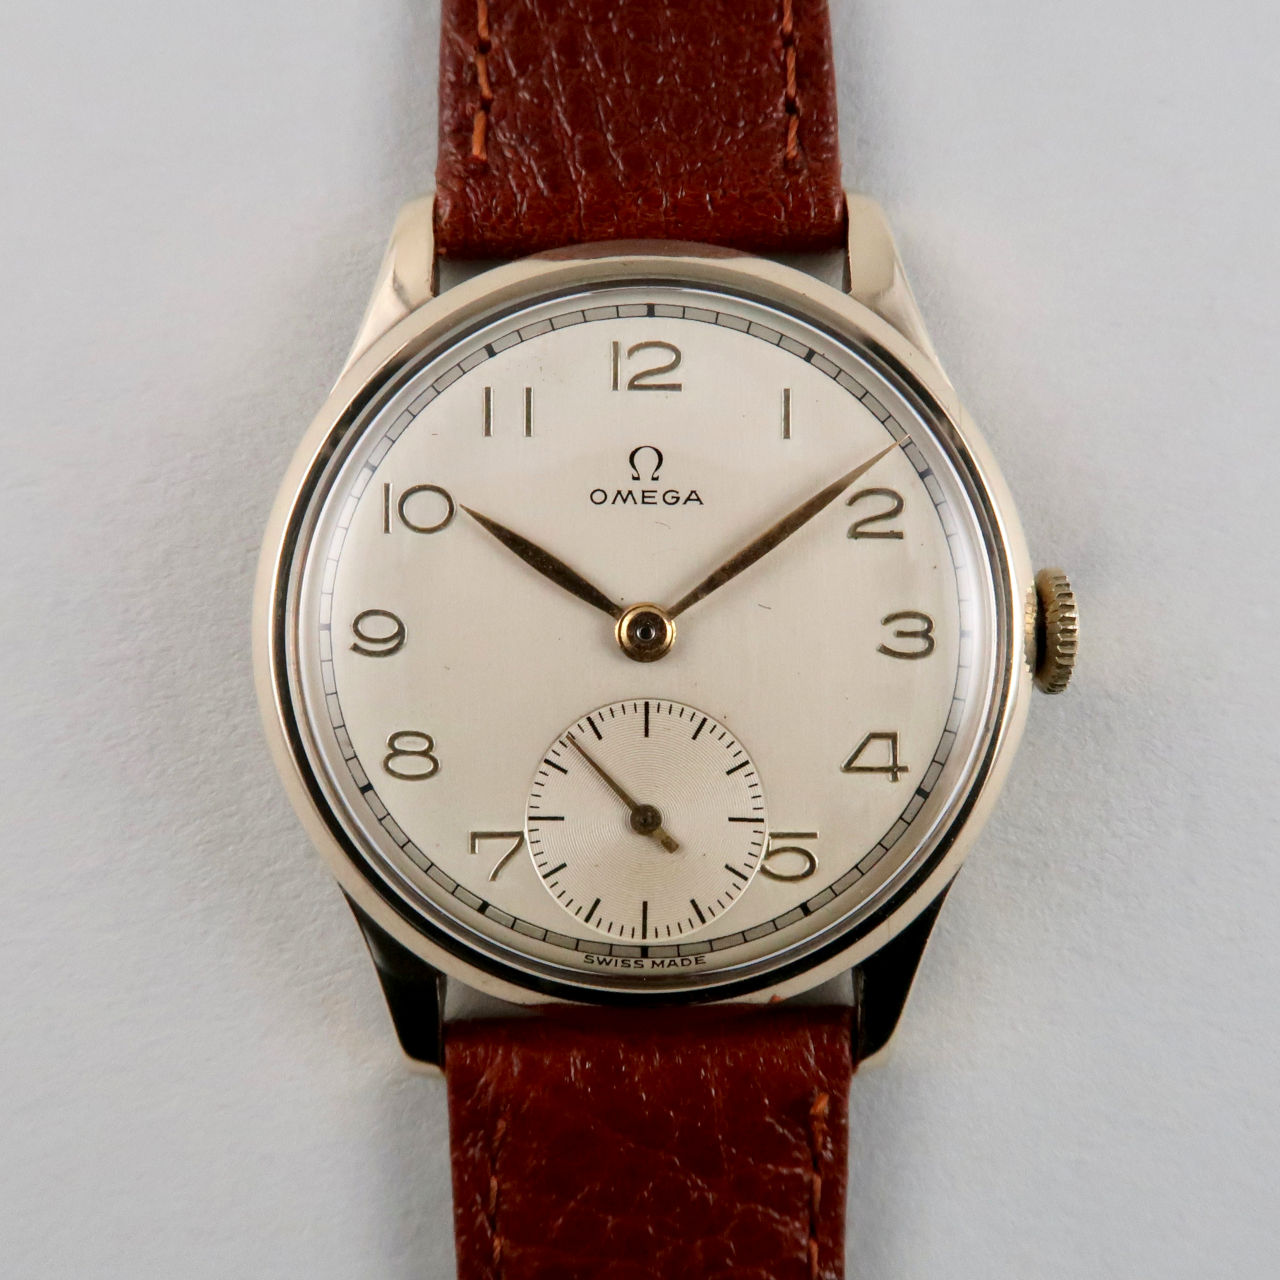 Omega Ref. 920 vintage wristwatch hallmarked 1947